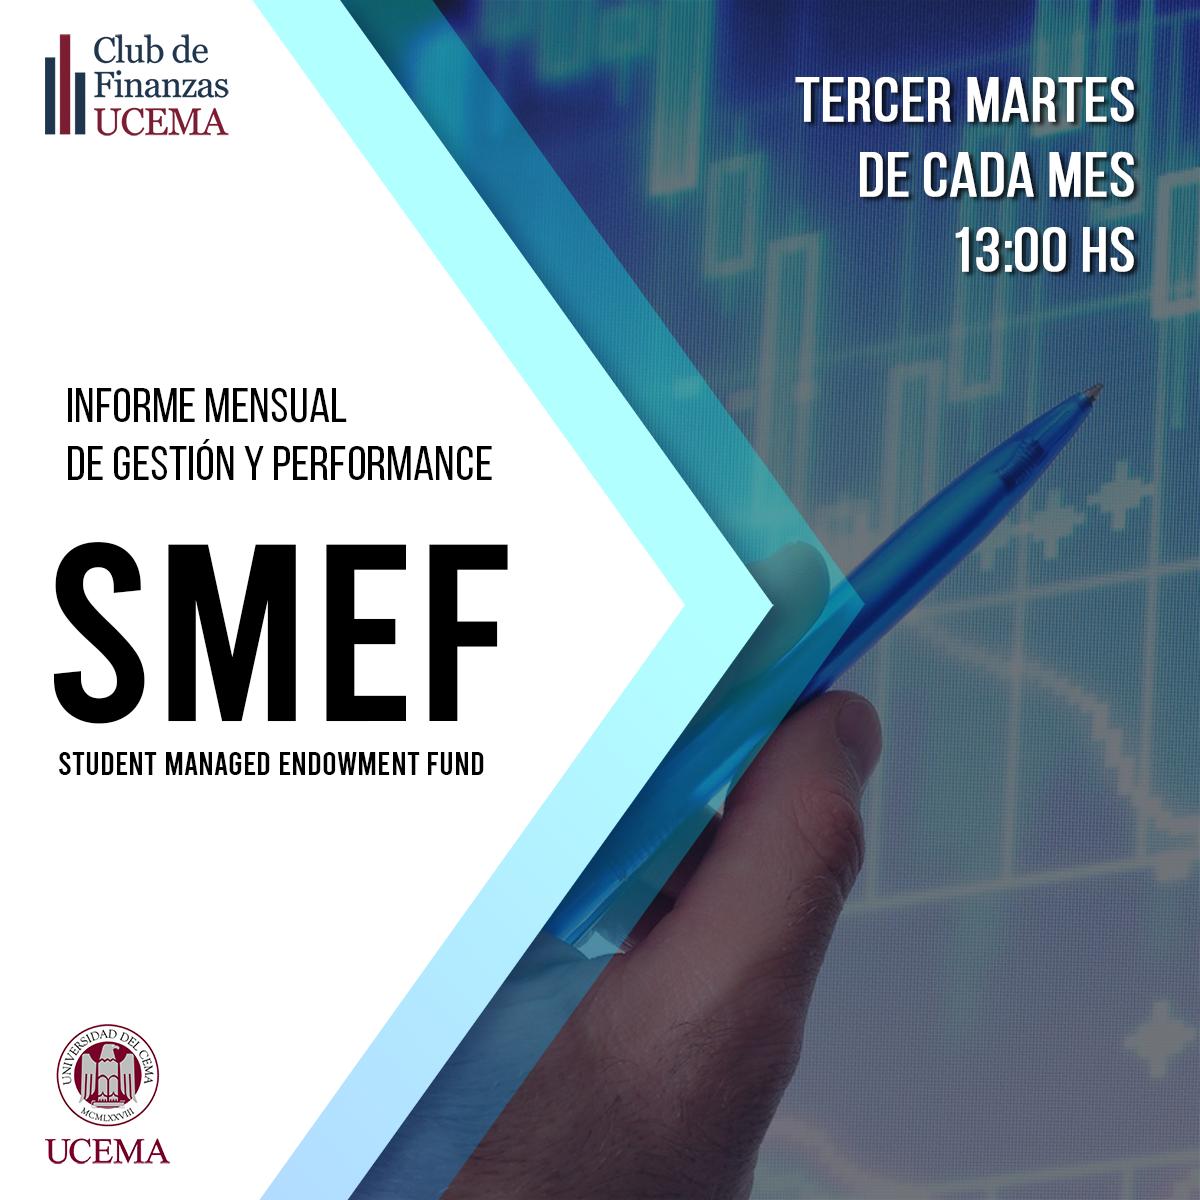 SMEF UCEMA Club Finanzas Banner 2020